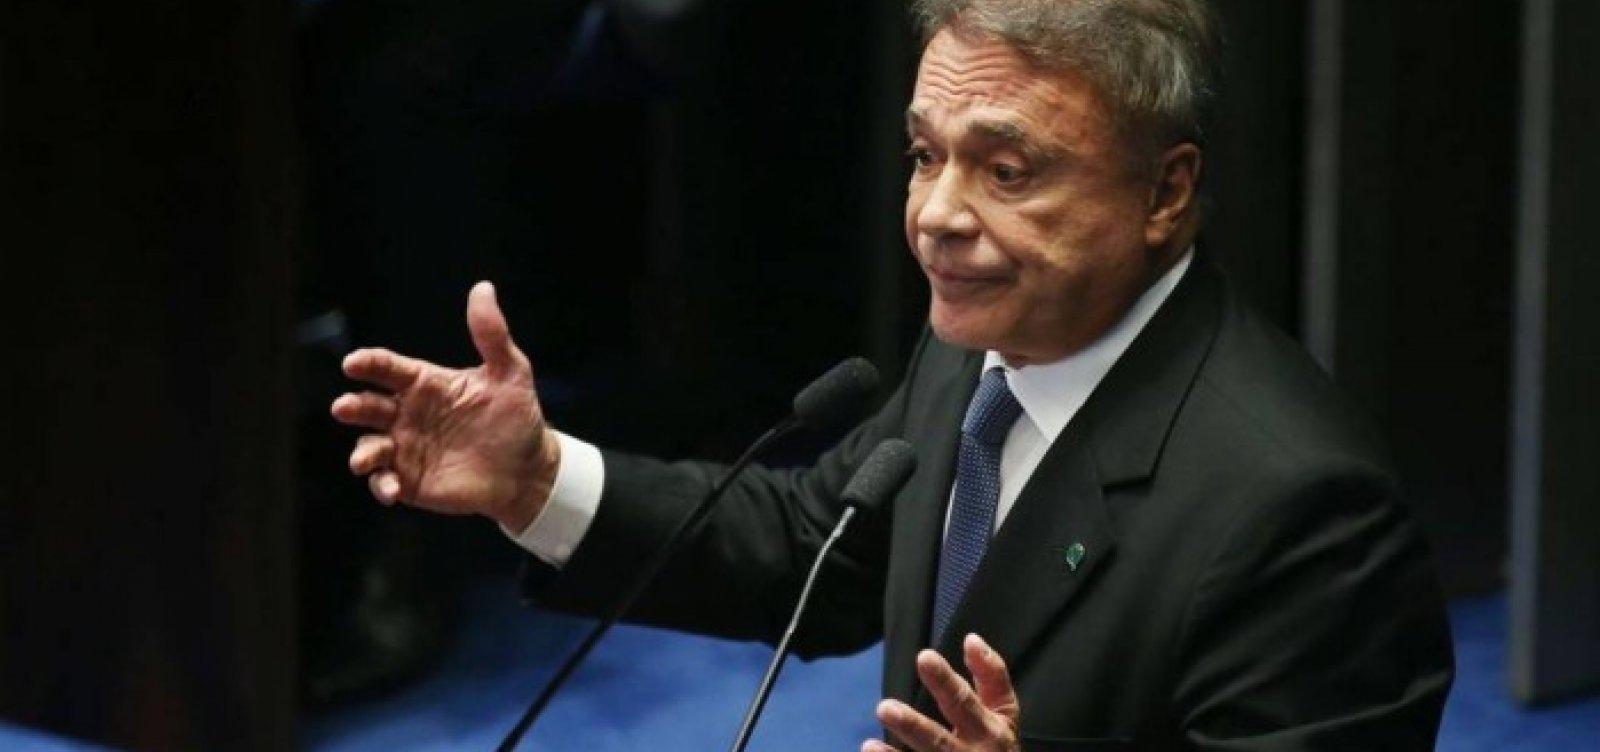 [Álvaro Dias diz que projeto queabre brecha para caixa dois é 'oportunista']